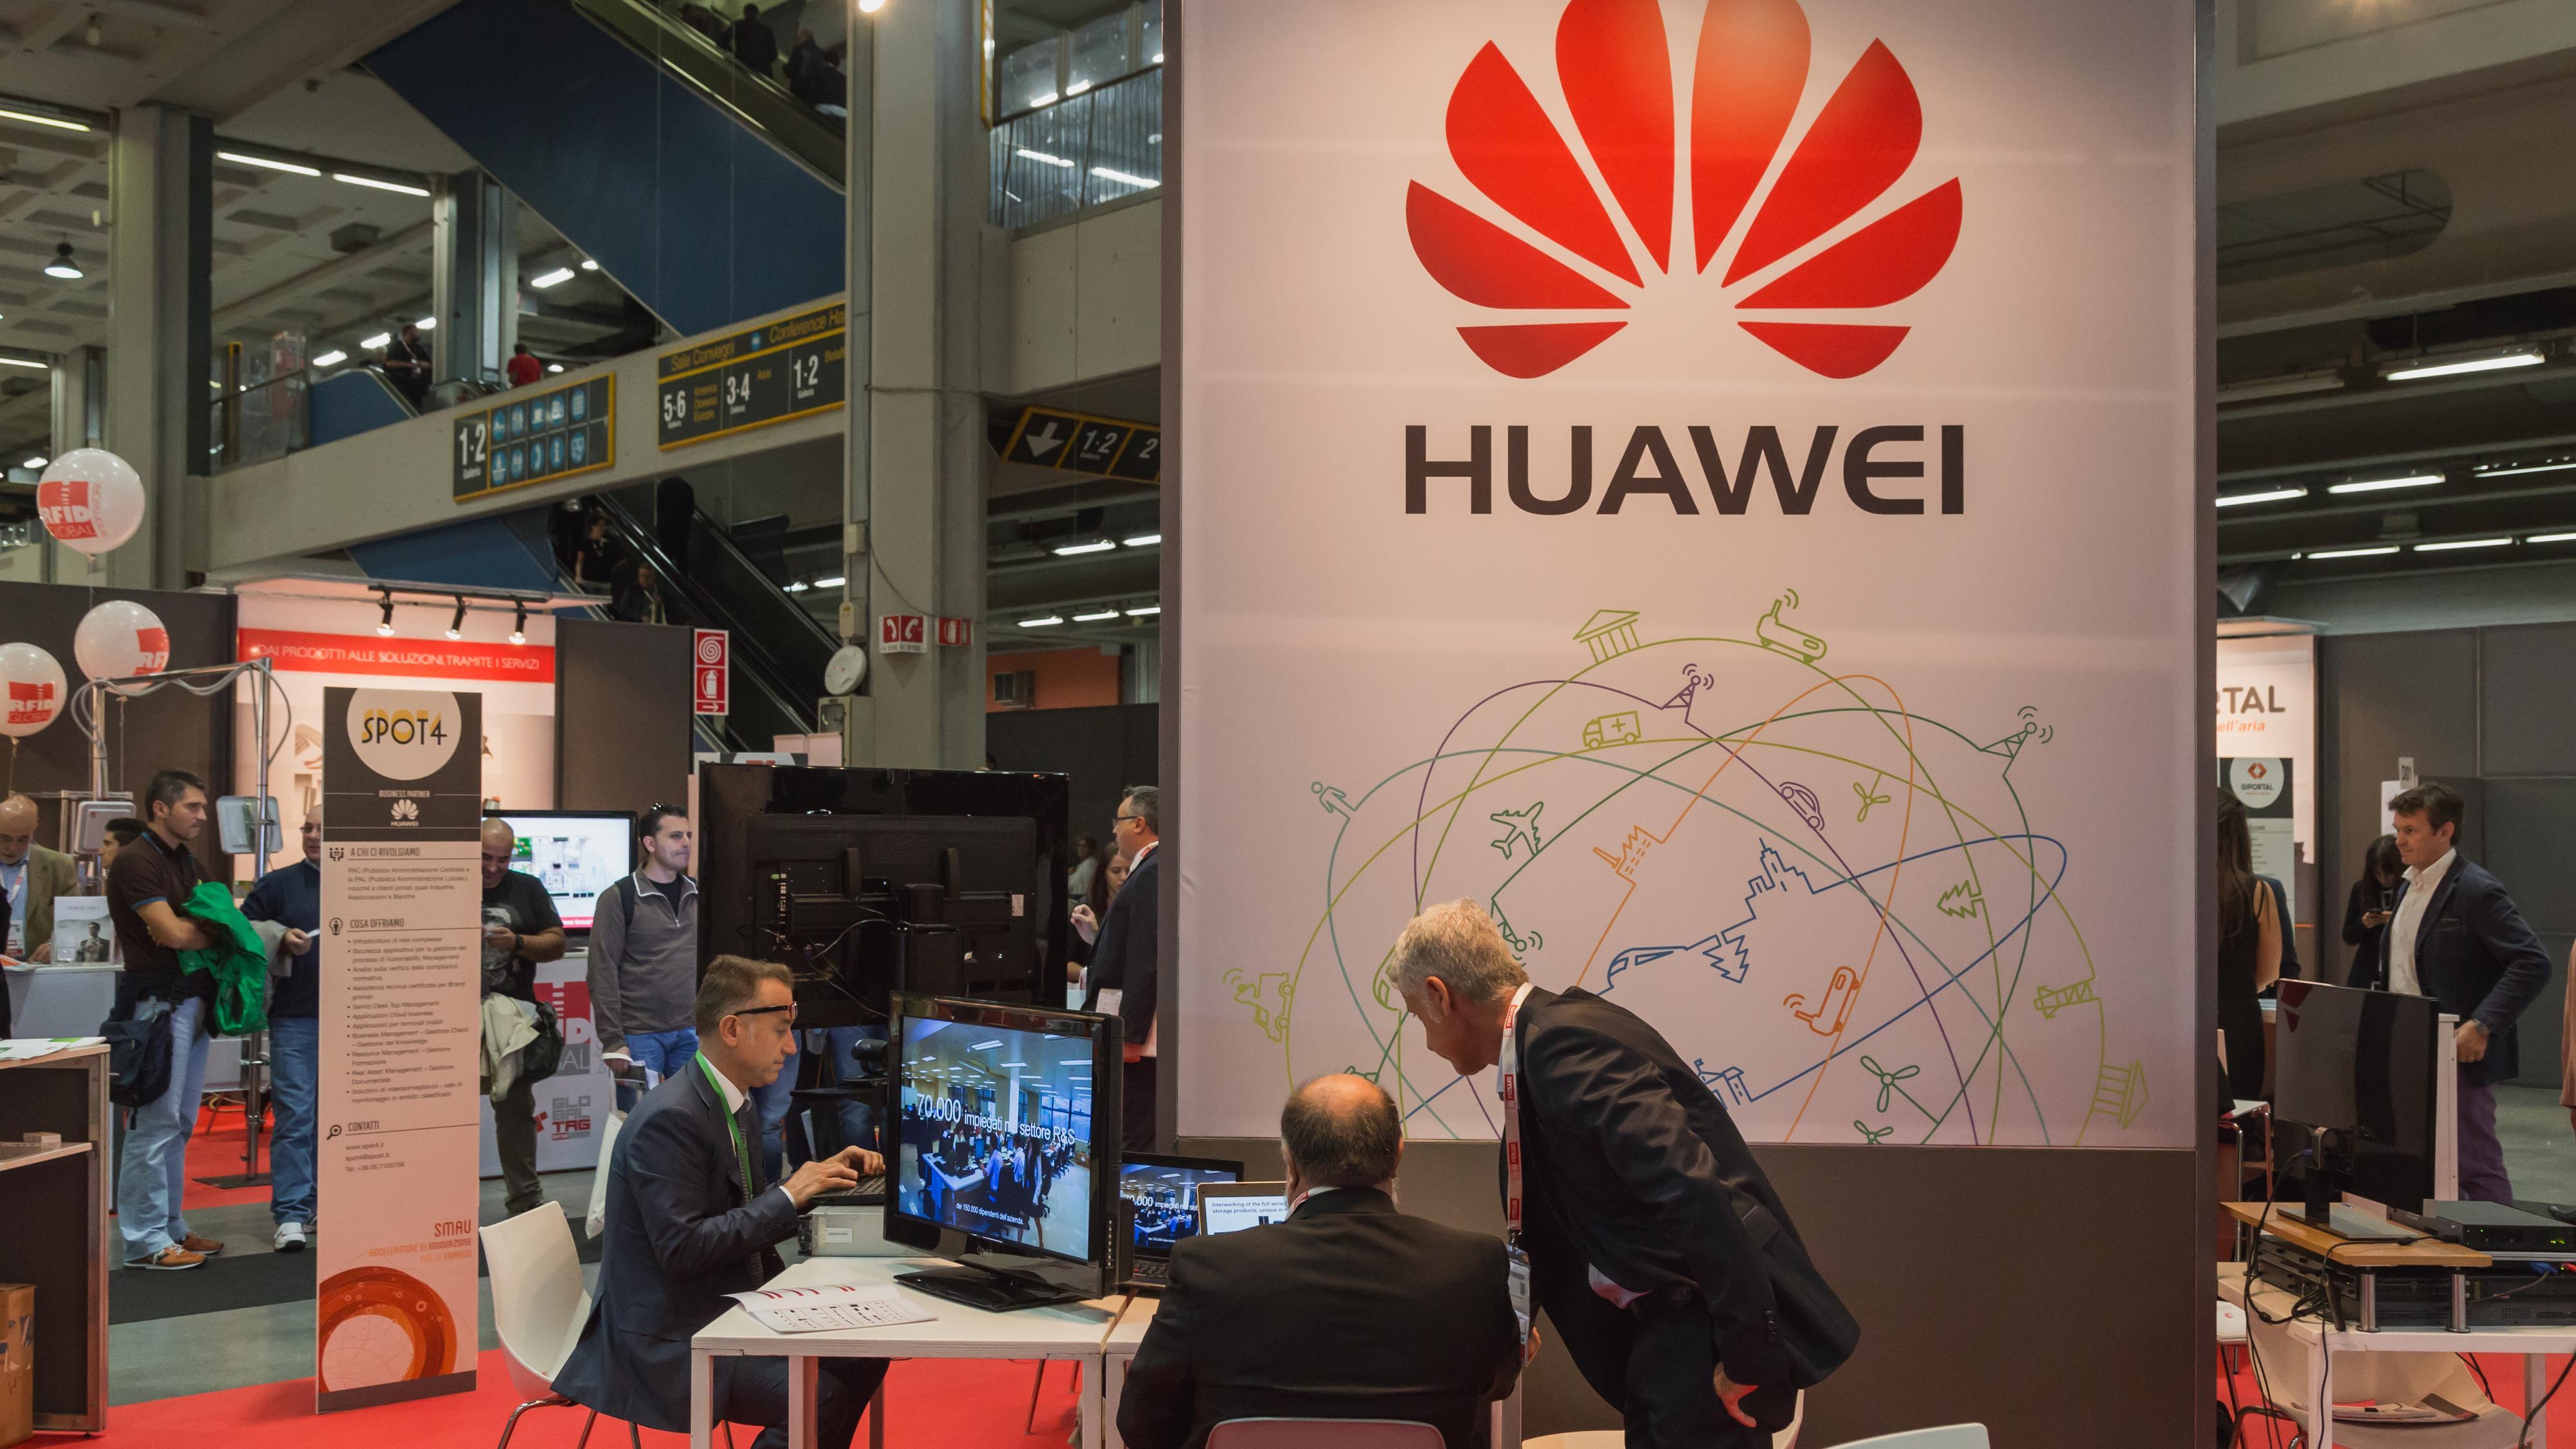 Amerikanske myndigheter advarer mot mobiler fra Huawei eller ZTE